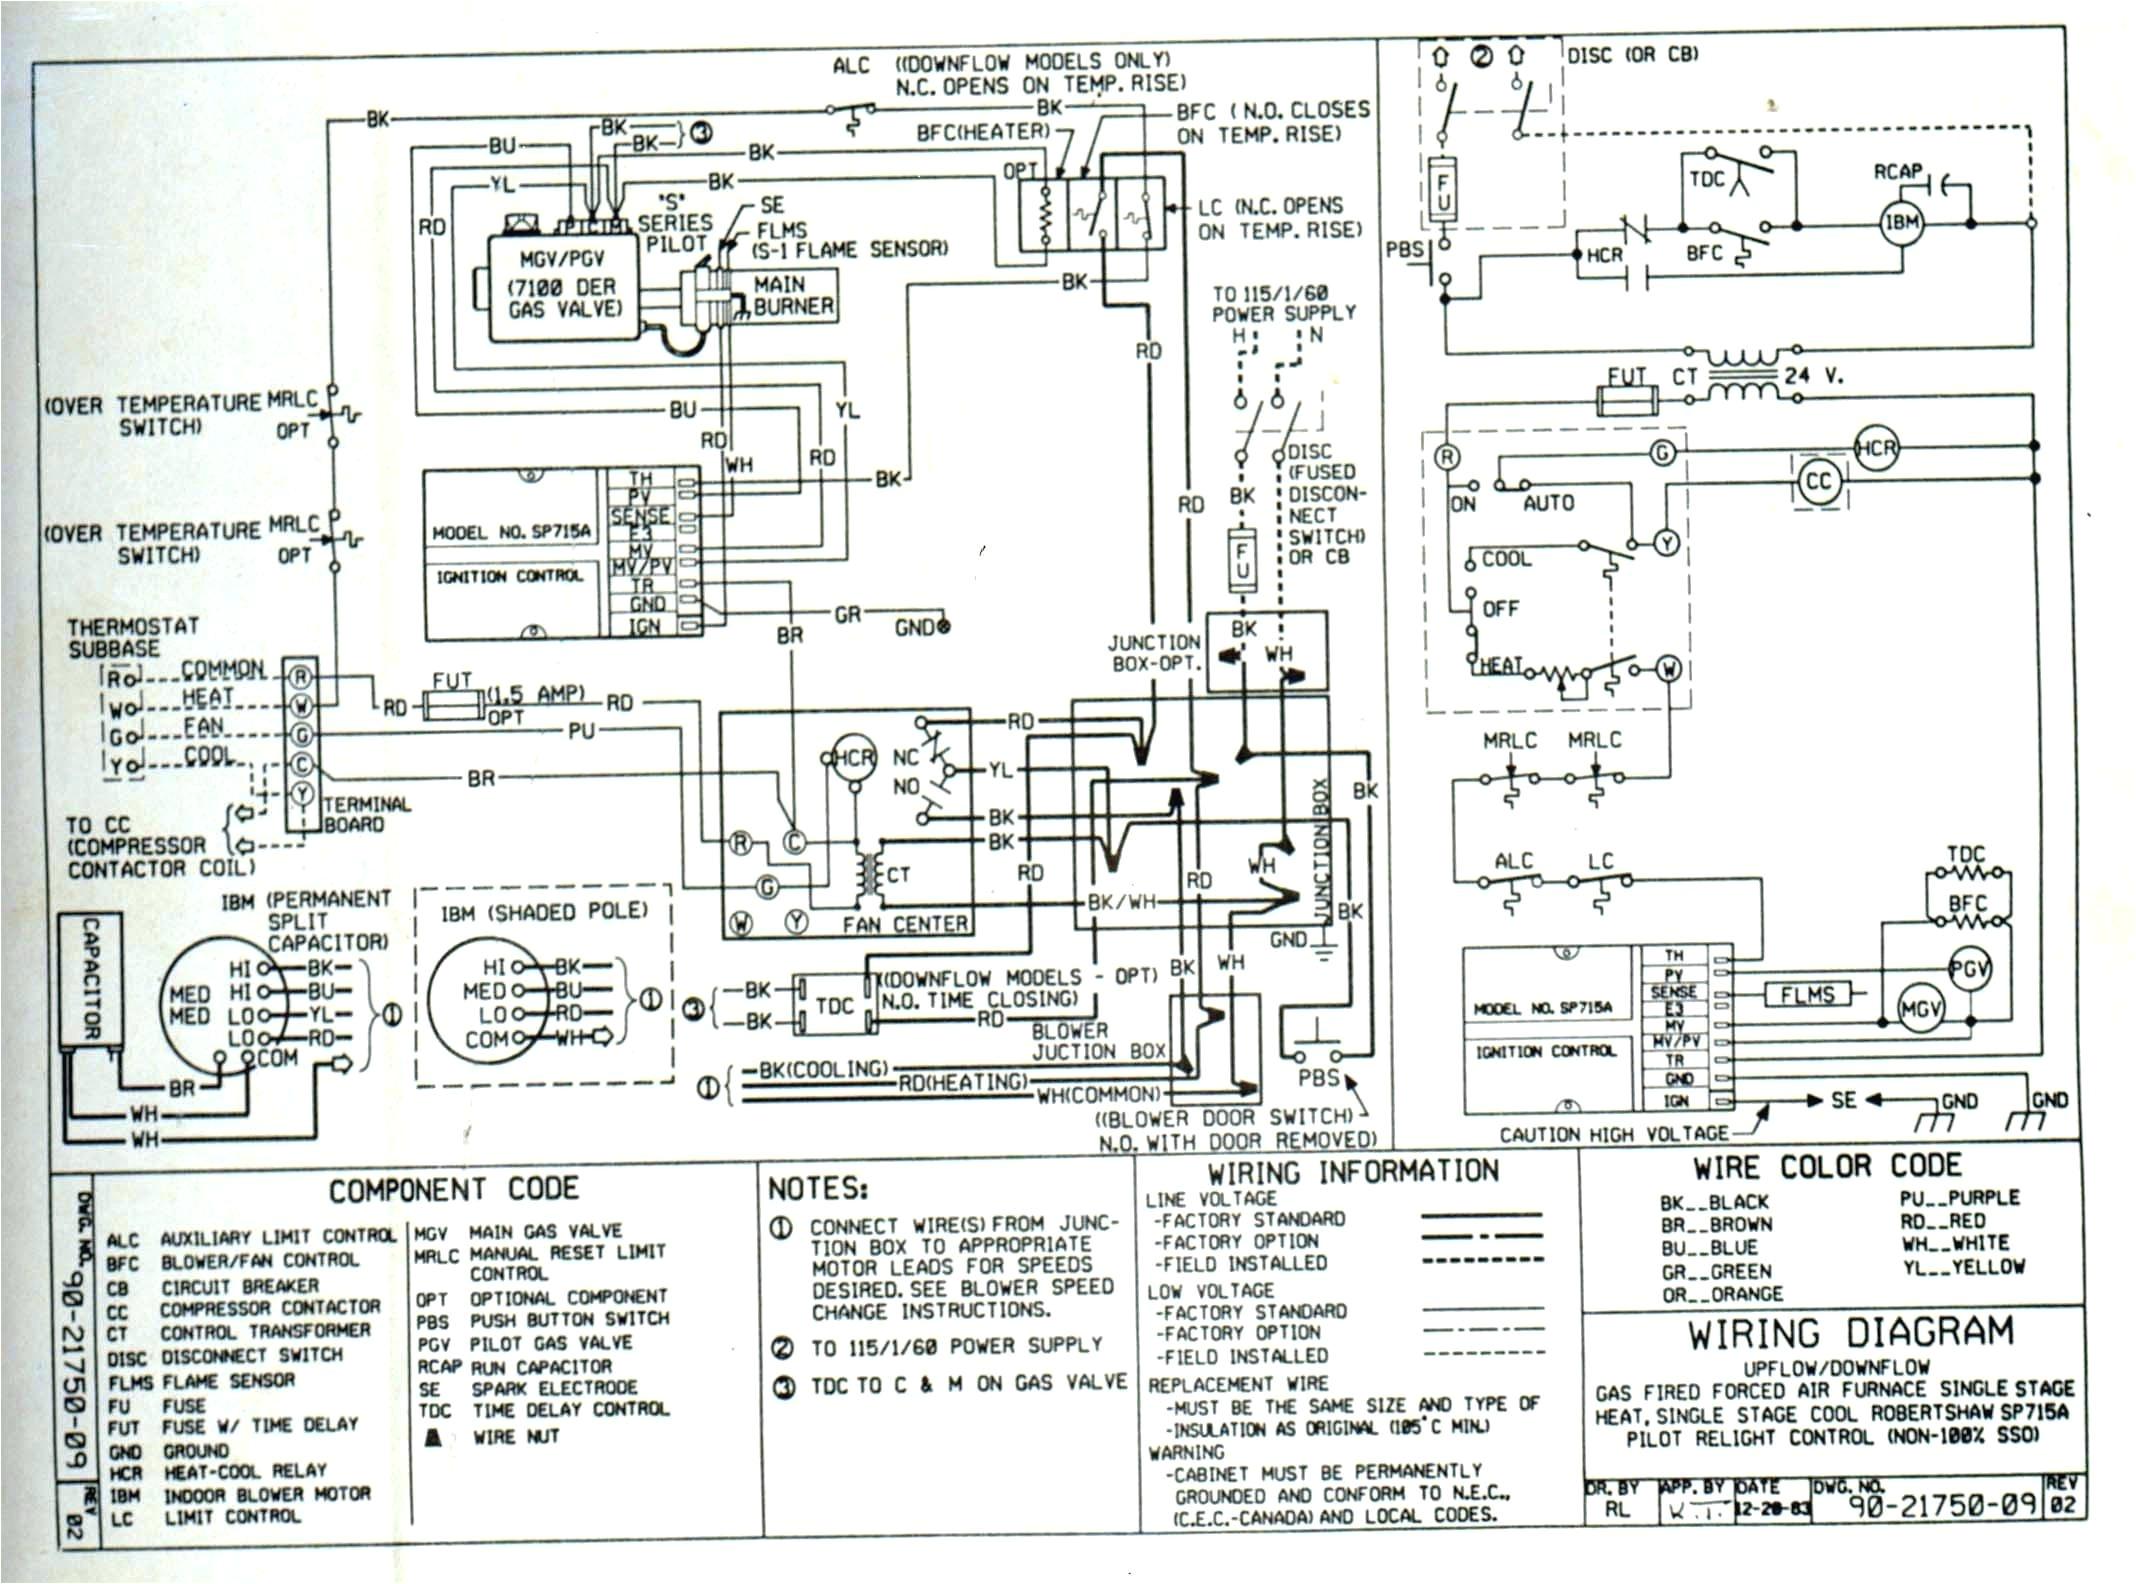 aaon wiring schematics data schematic diagram aaon rn series wiring diagram wiring diagram database aaon wiring